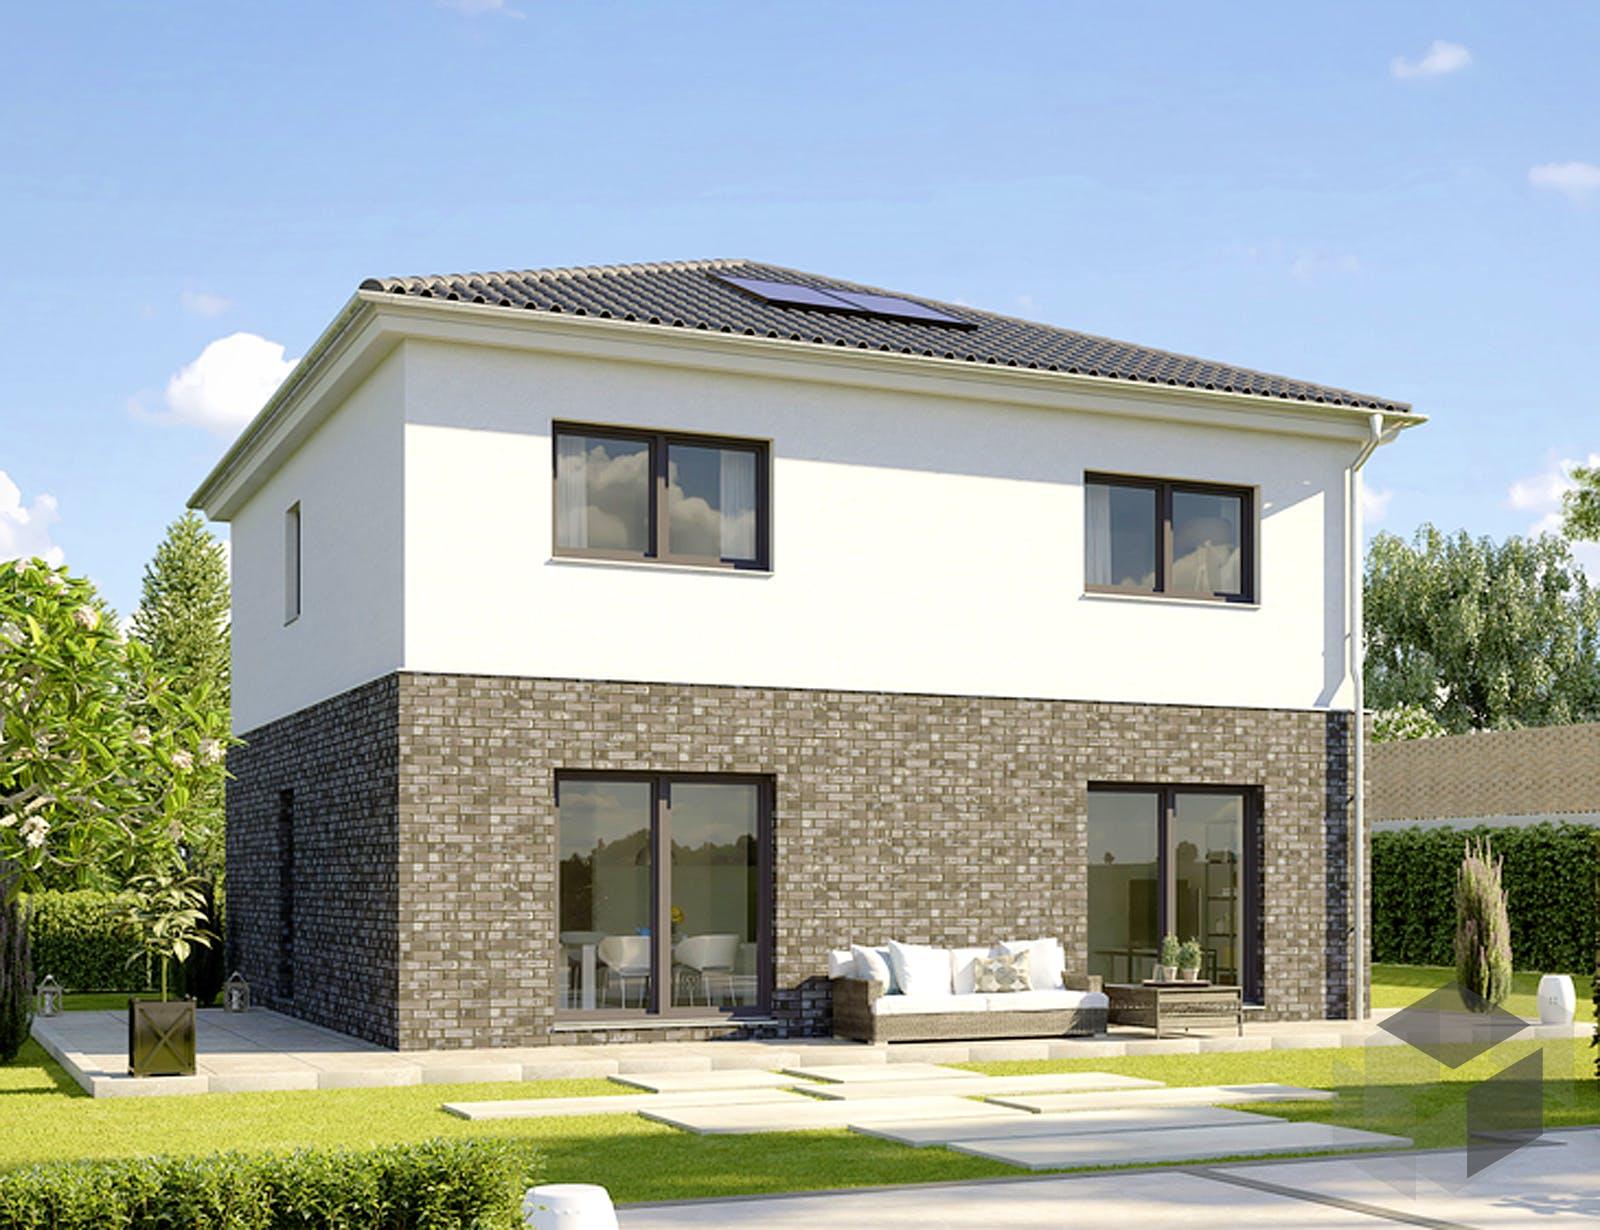 prostyle 145 von prohaus komplette daten bersicht. Black Bedroom Furniture Sets. Home Design Ideas